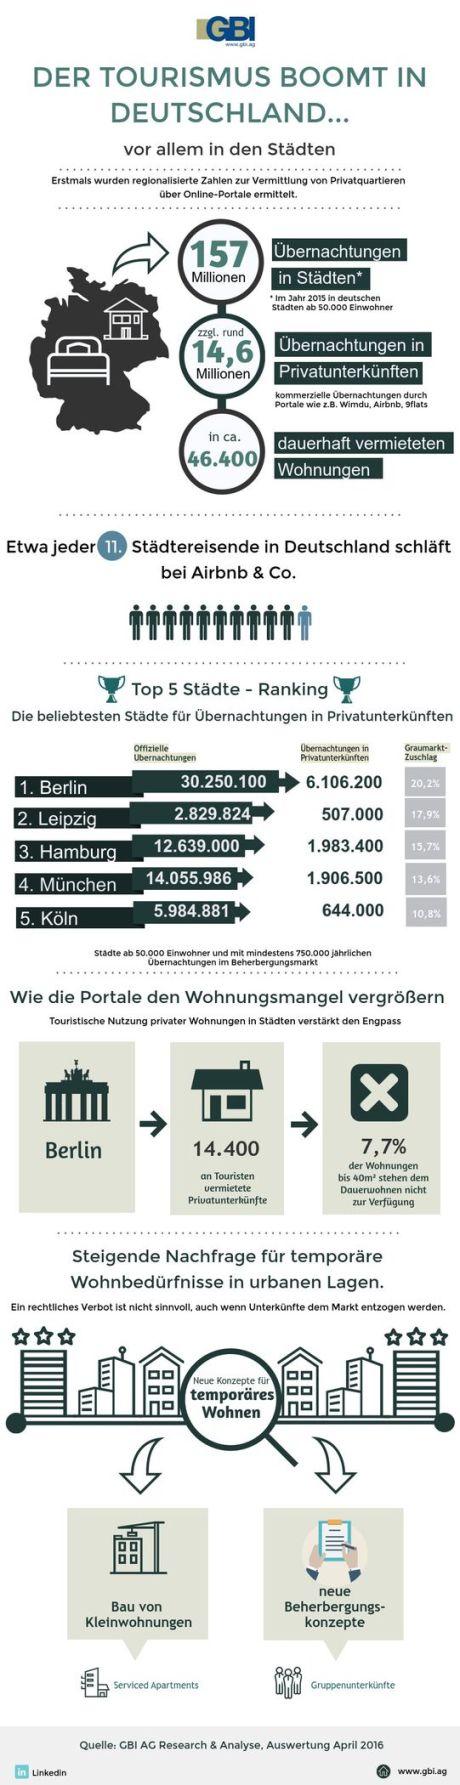 Etwa jeder elfte Städtereisende in Deutschland schläft bei Airbnb & Co. - Jährlich 14,5 Millionen Privat-Übernachtungen - Städte mit mindestens 50.000 Einwohnern untersucht